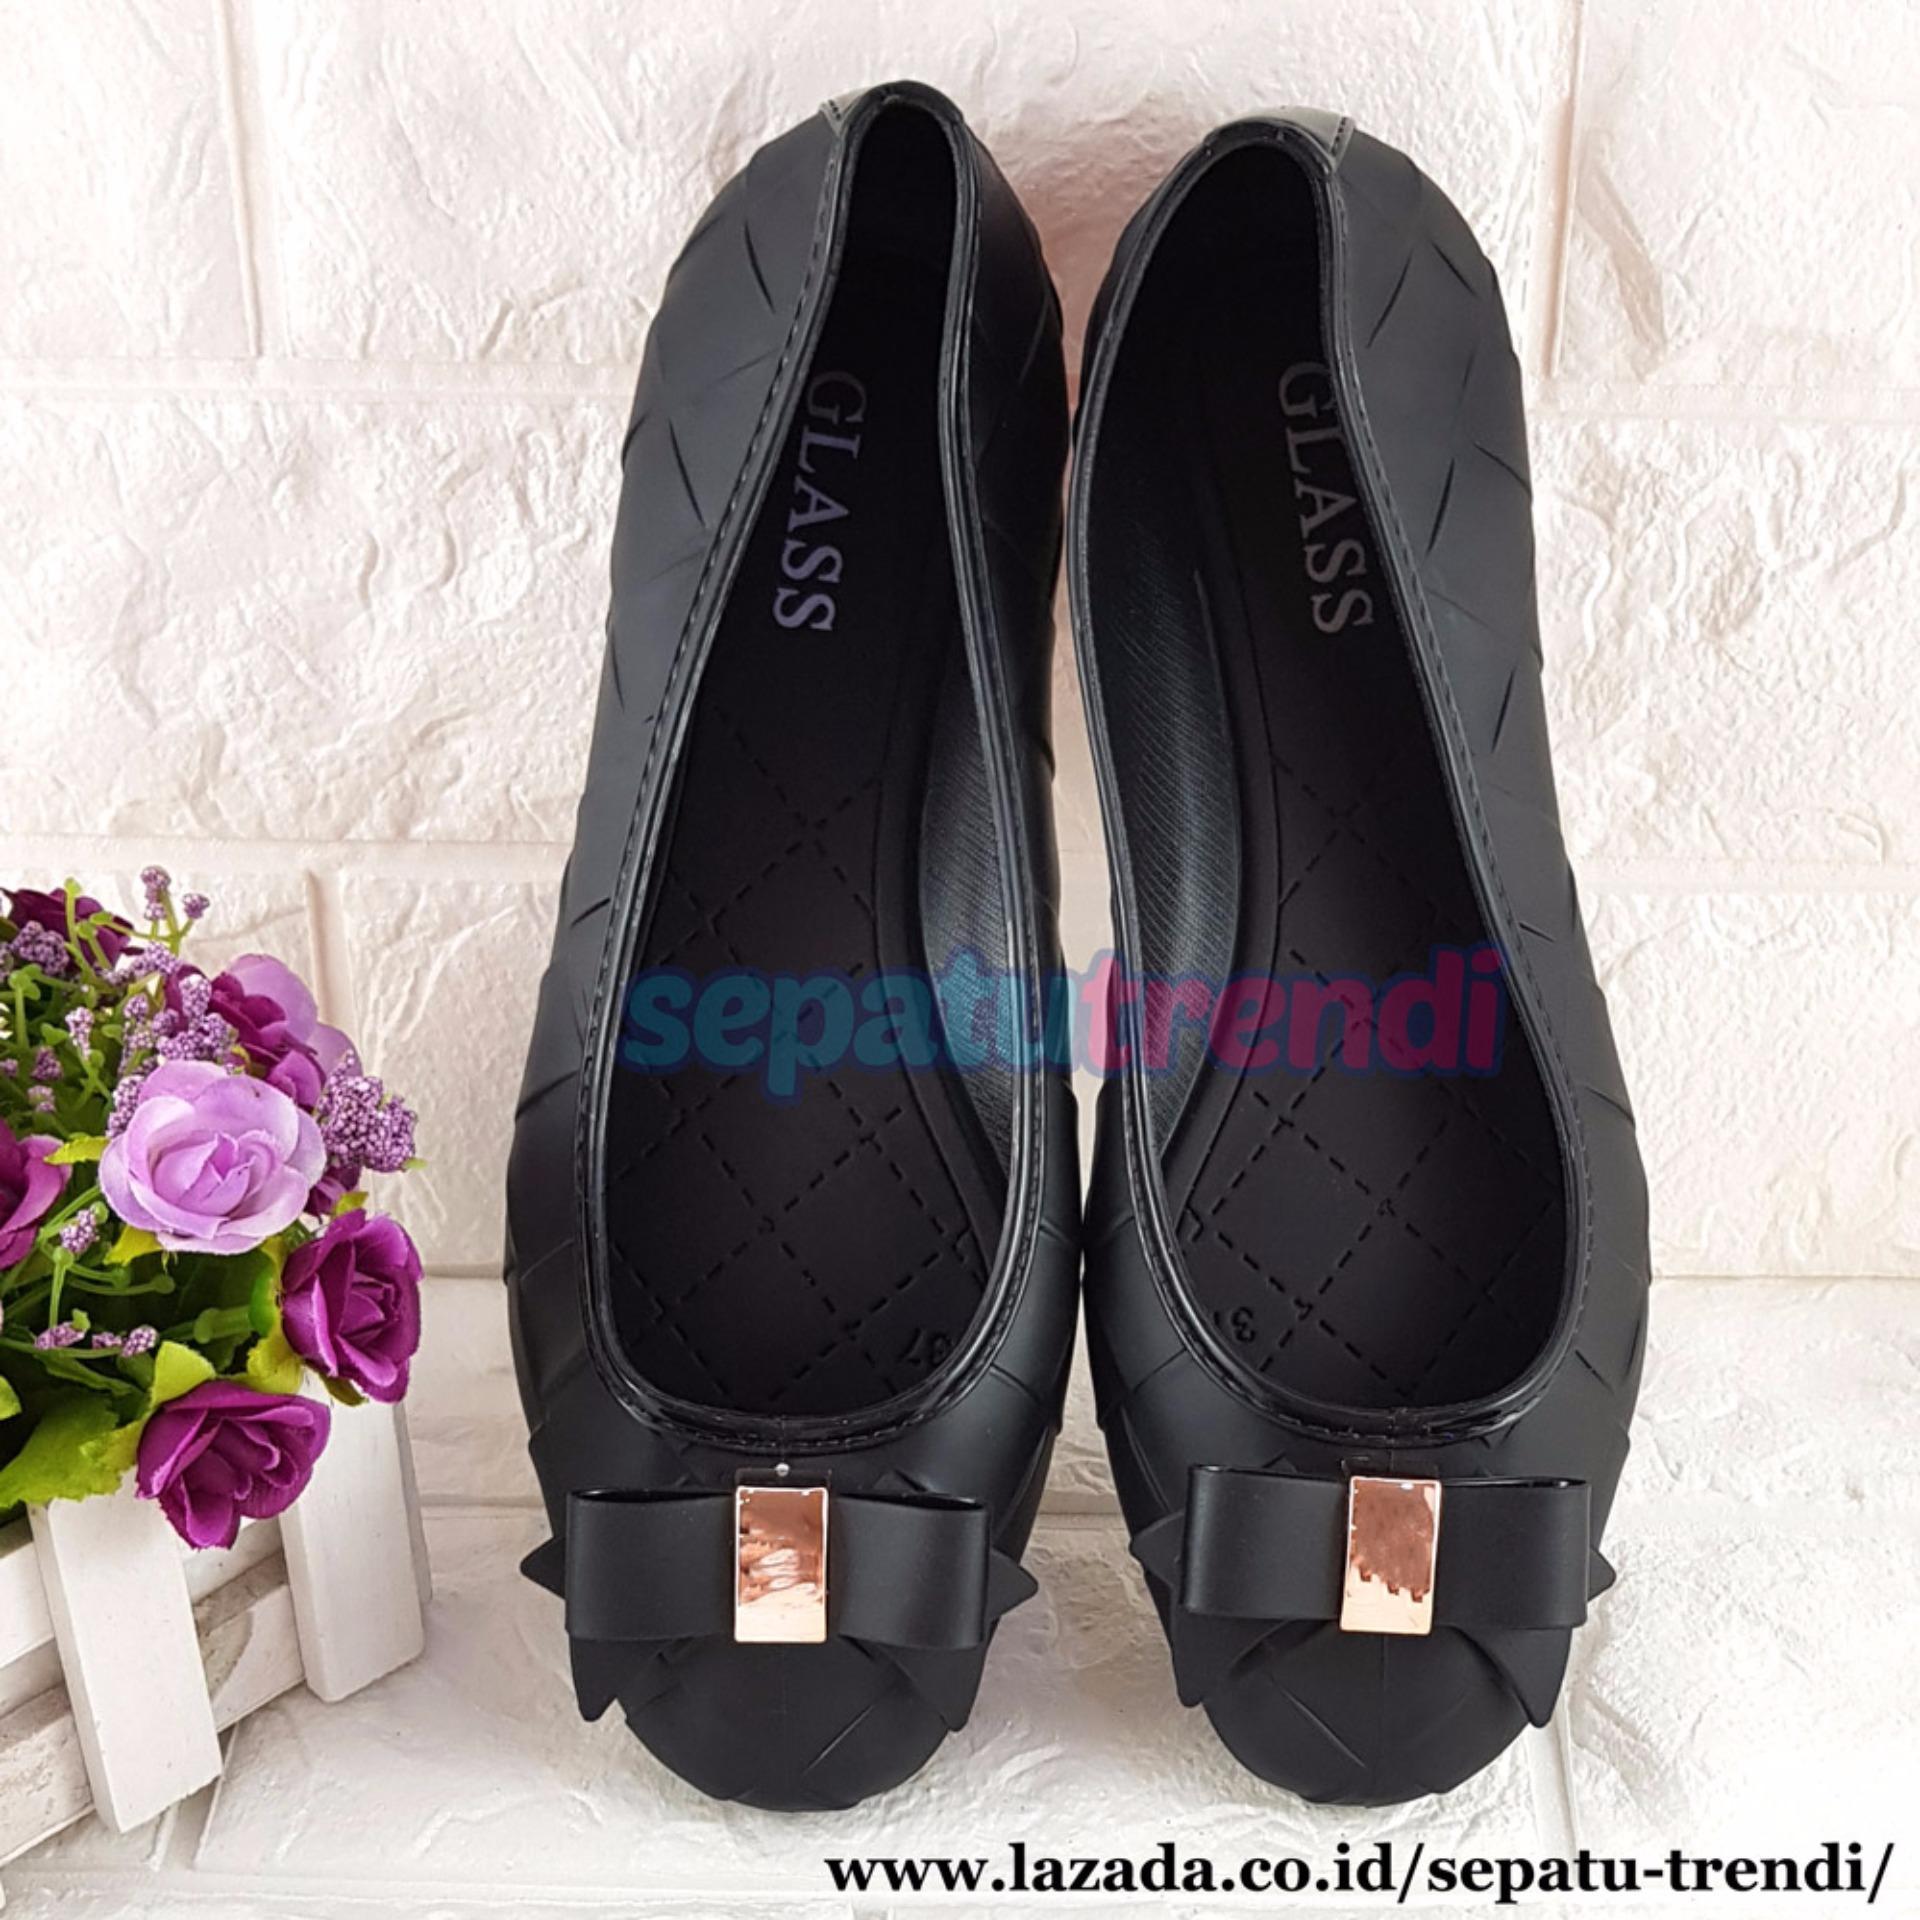 trendi sepatu wanita flat shoes jelly pita motif wajik jlflwj 1234 e32fde3ee94ac0f f8cee21